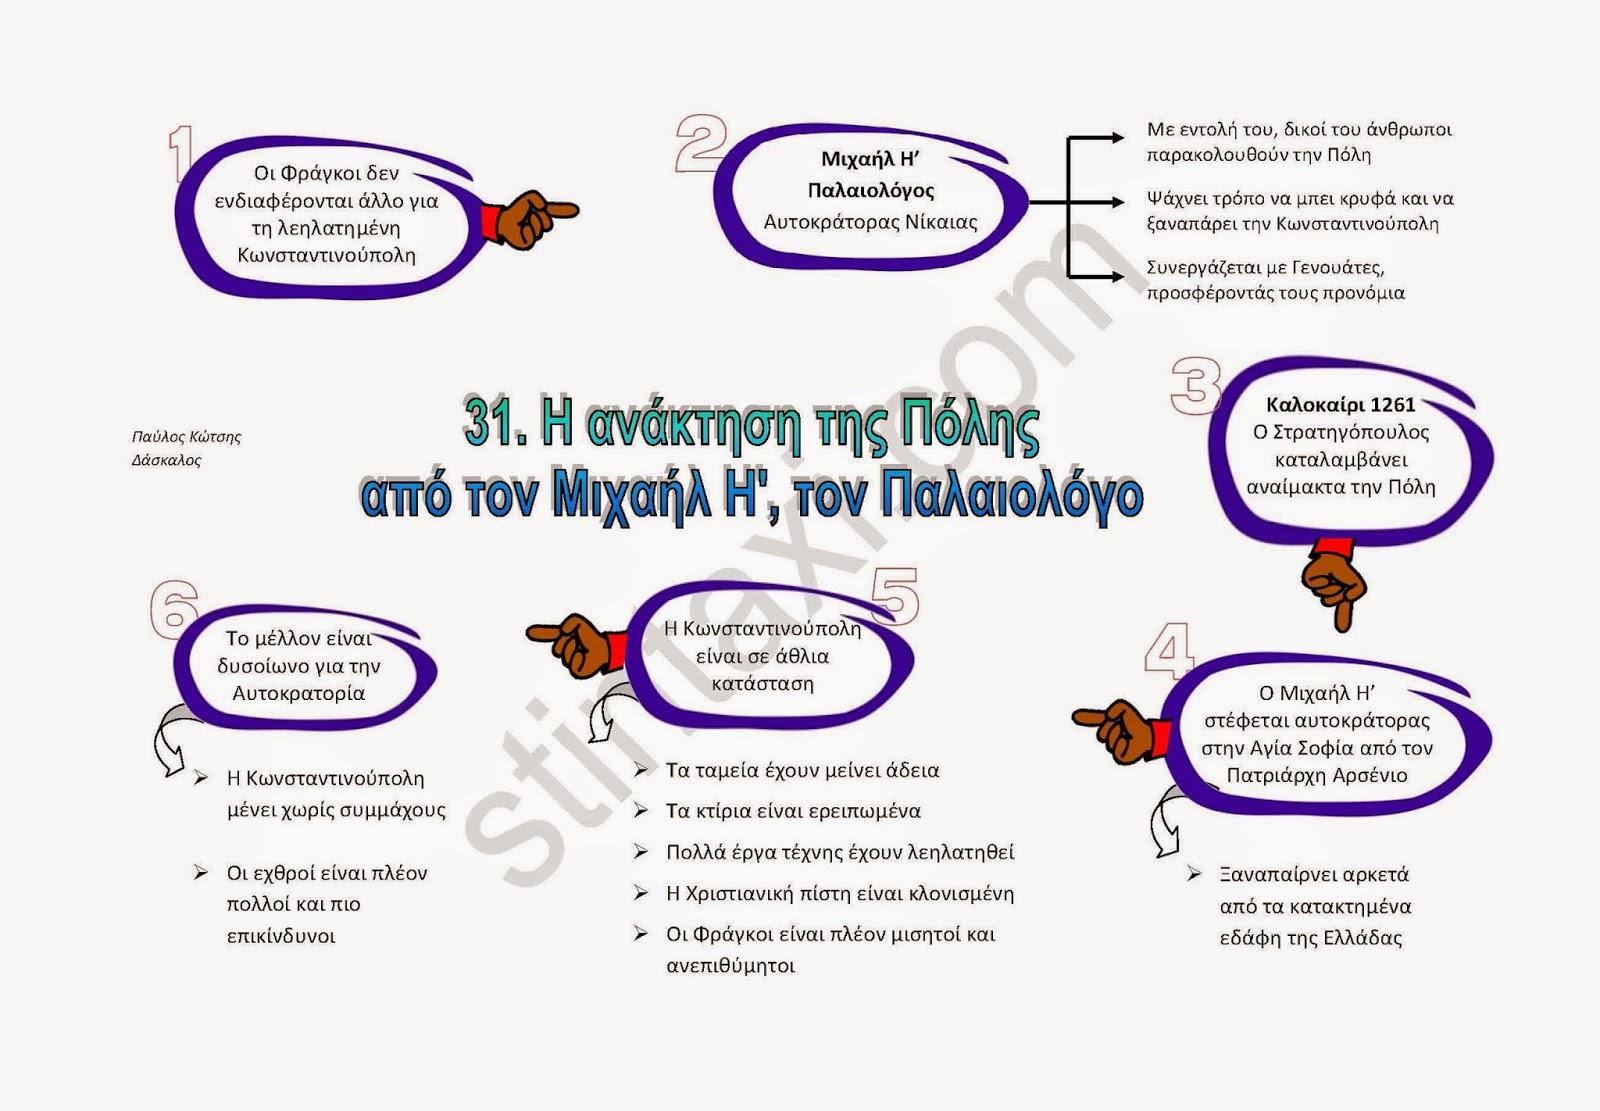 http://www.stintaxi.com/uploads/1/3/1/0/13100858/hist-e-31-v2.pdf